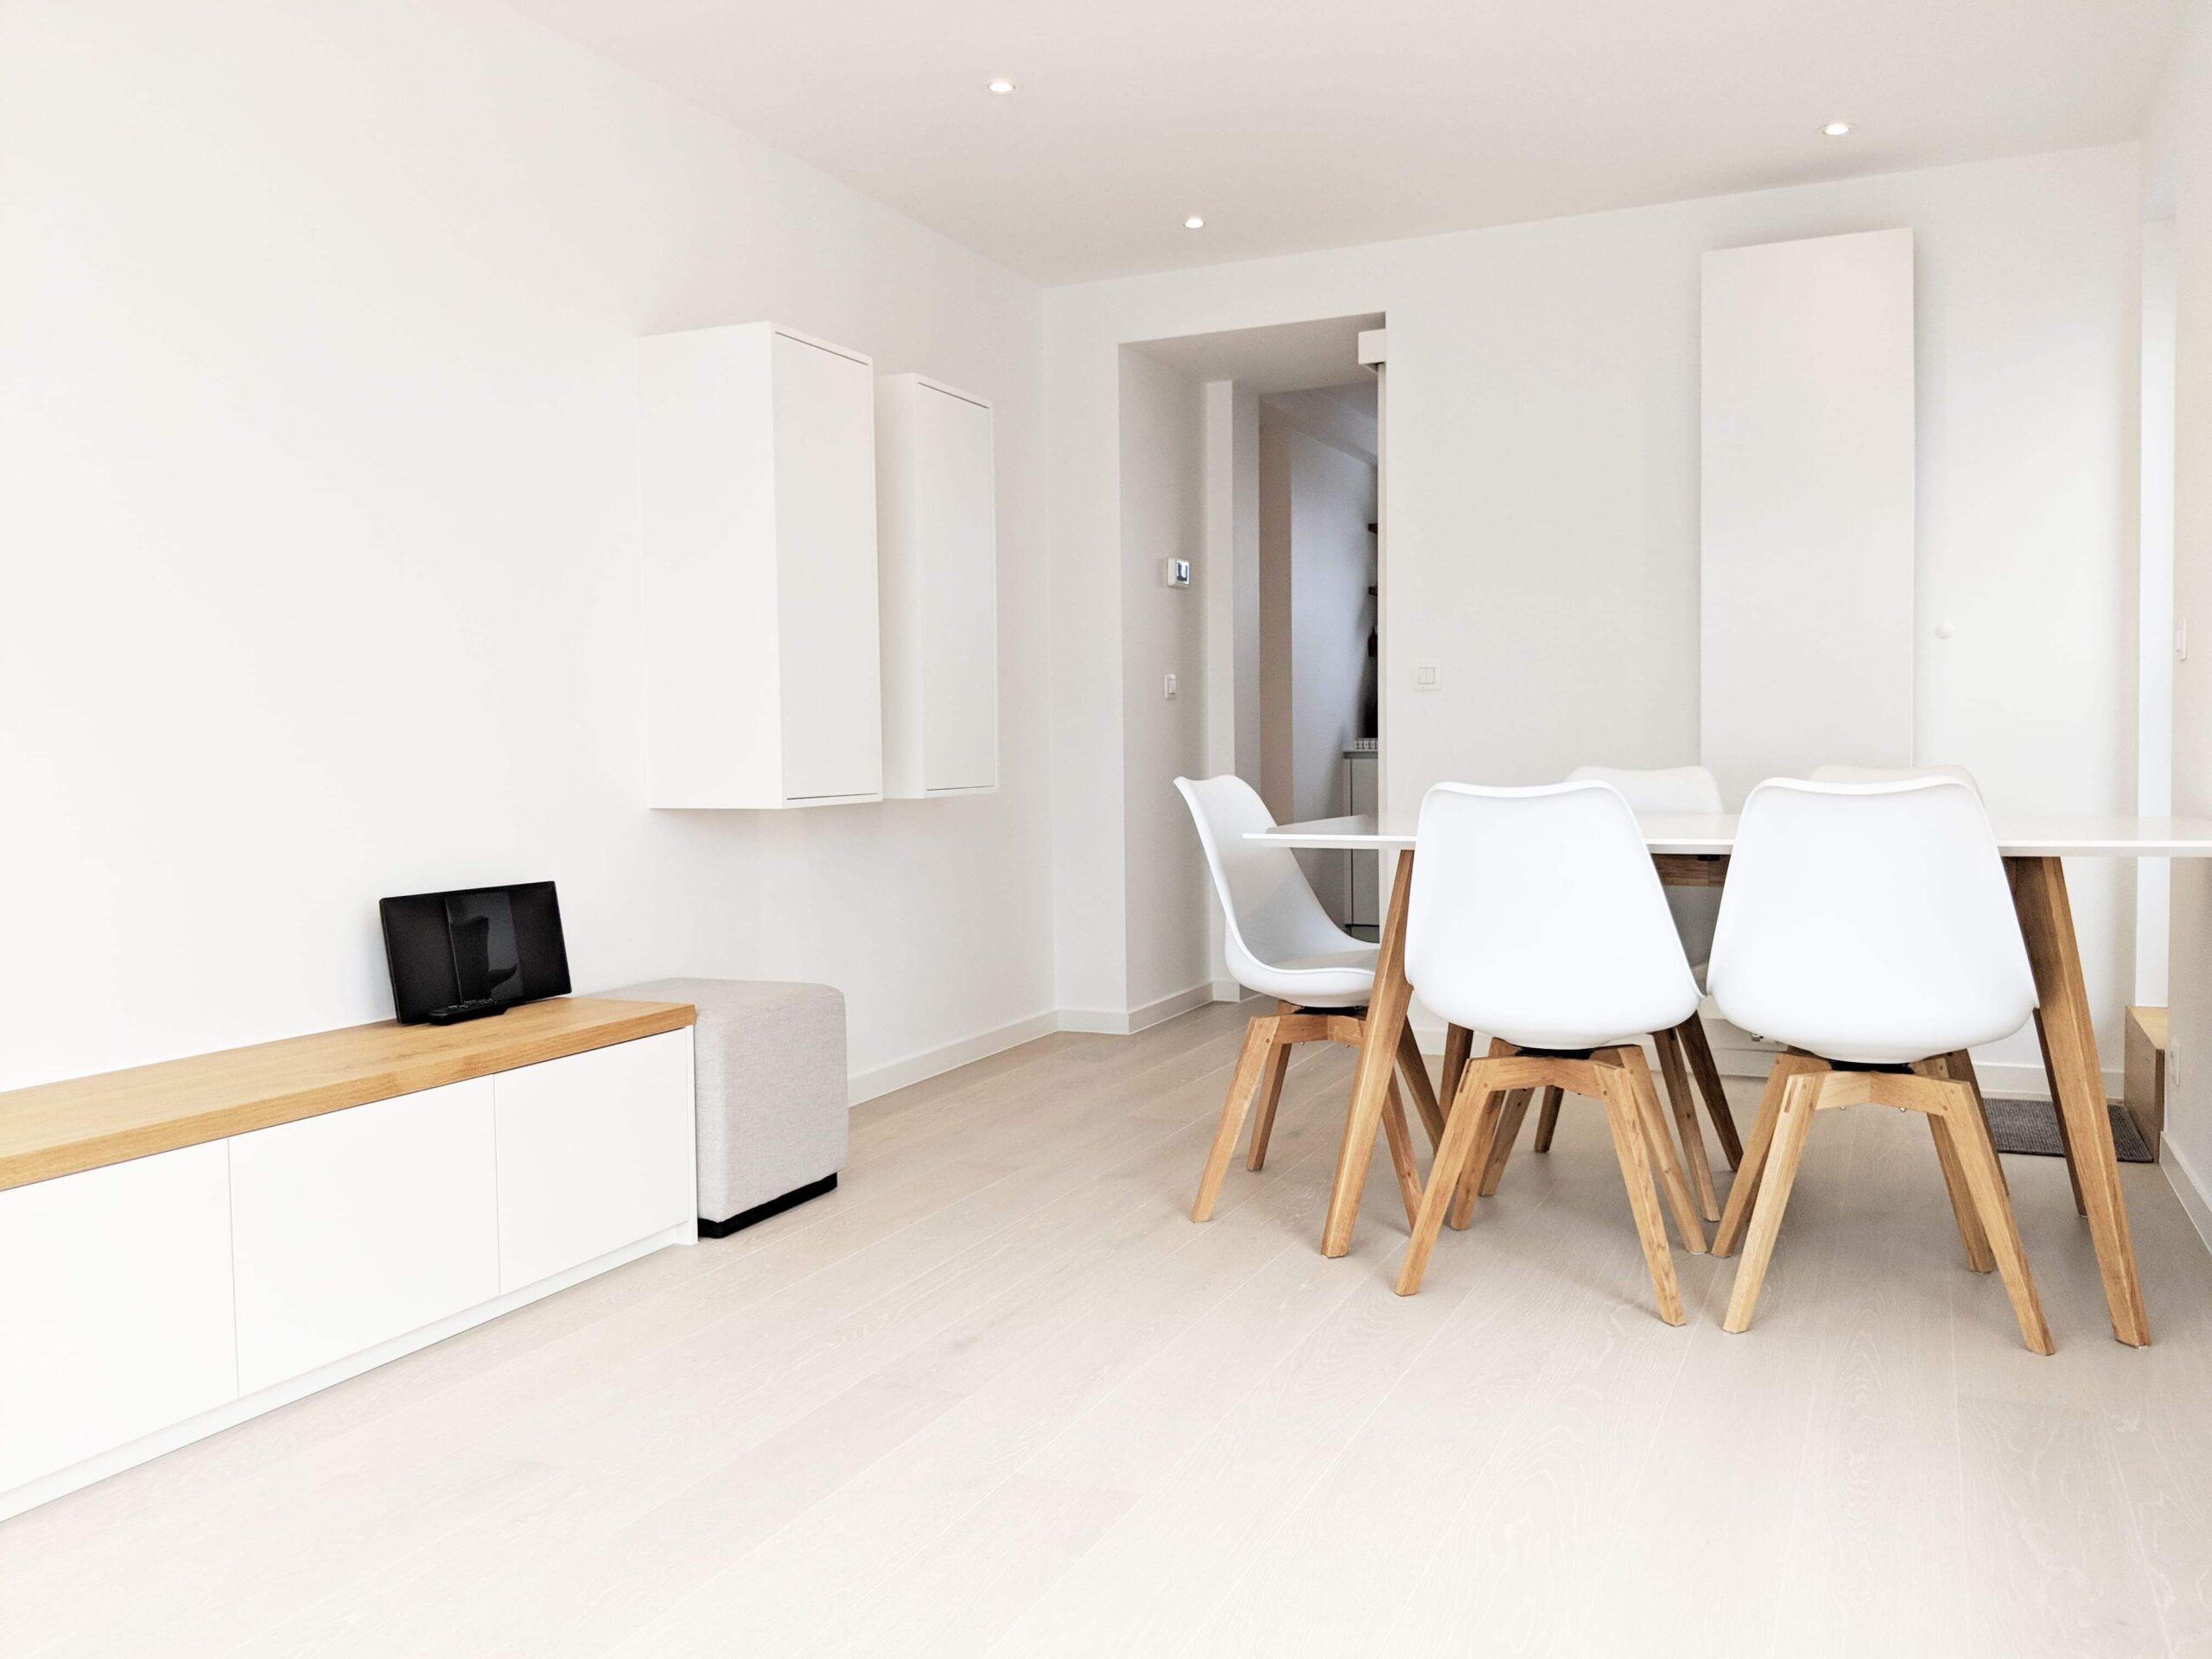 leefruimte zitkamer eettafel stoel maatkast